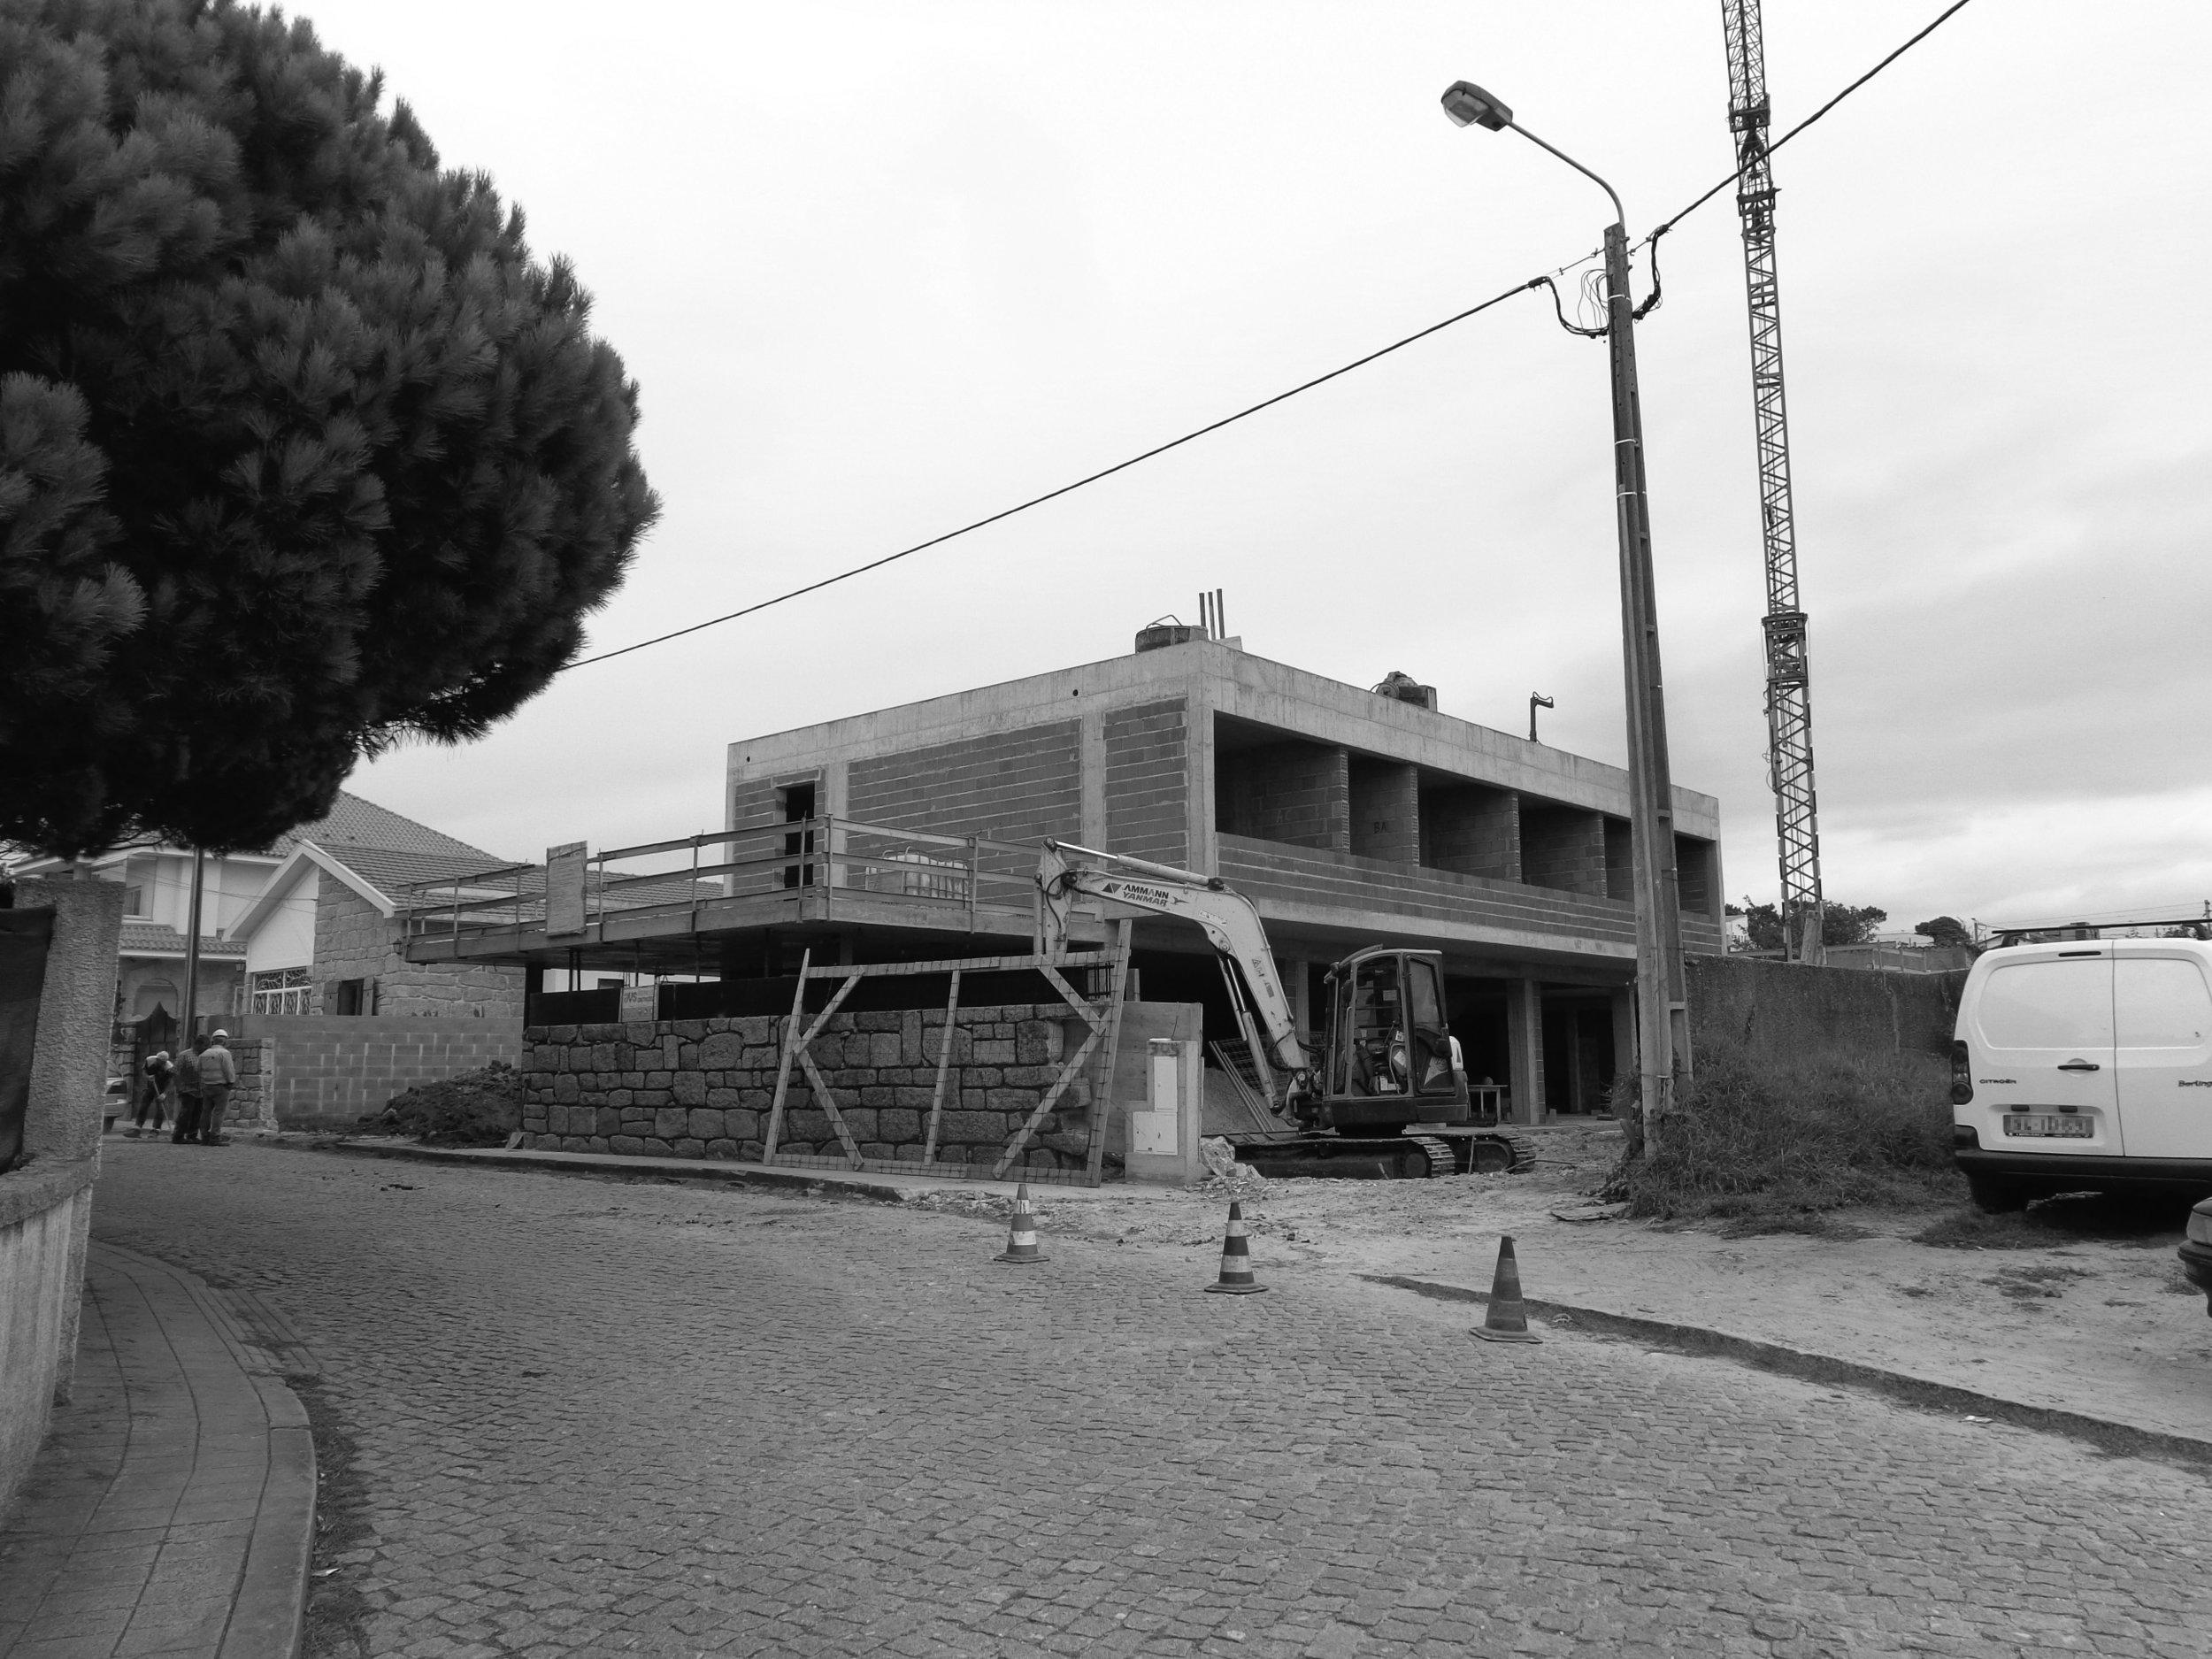 Moradia Alfazema - EVA evolutionary architecture - vila nova de gaia - arquitecto - porto (4).jpg